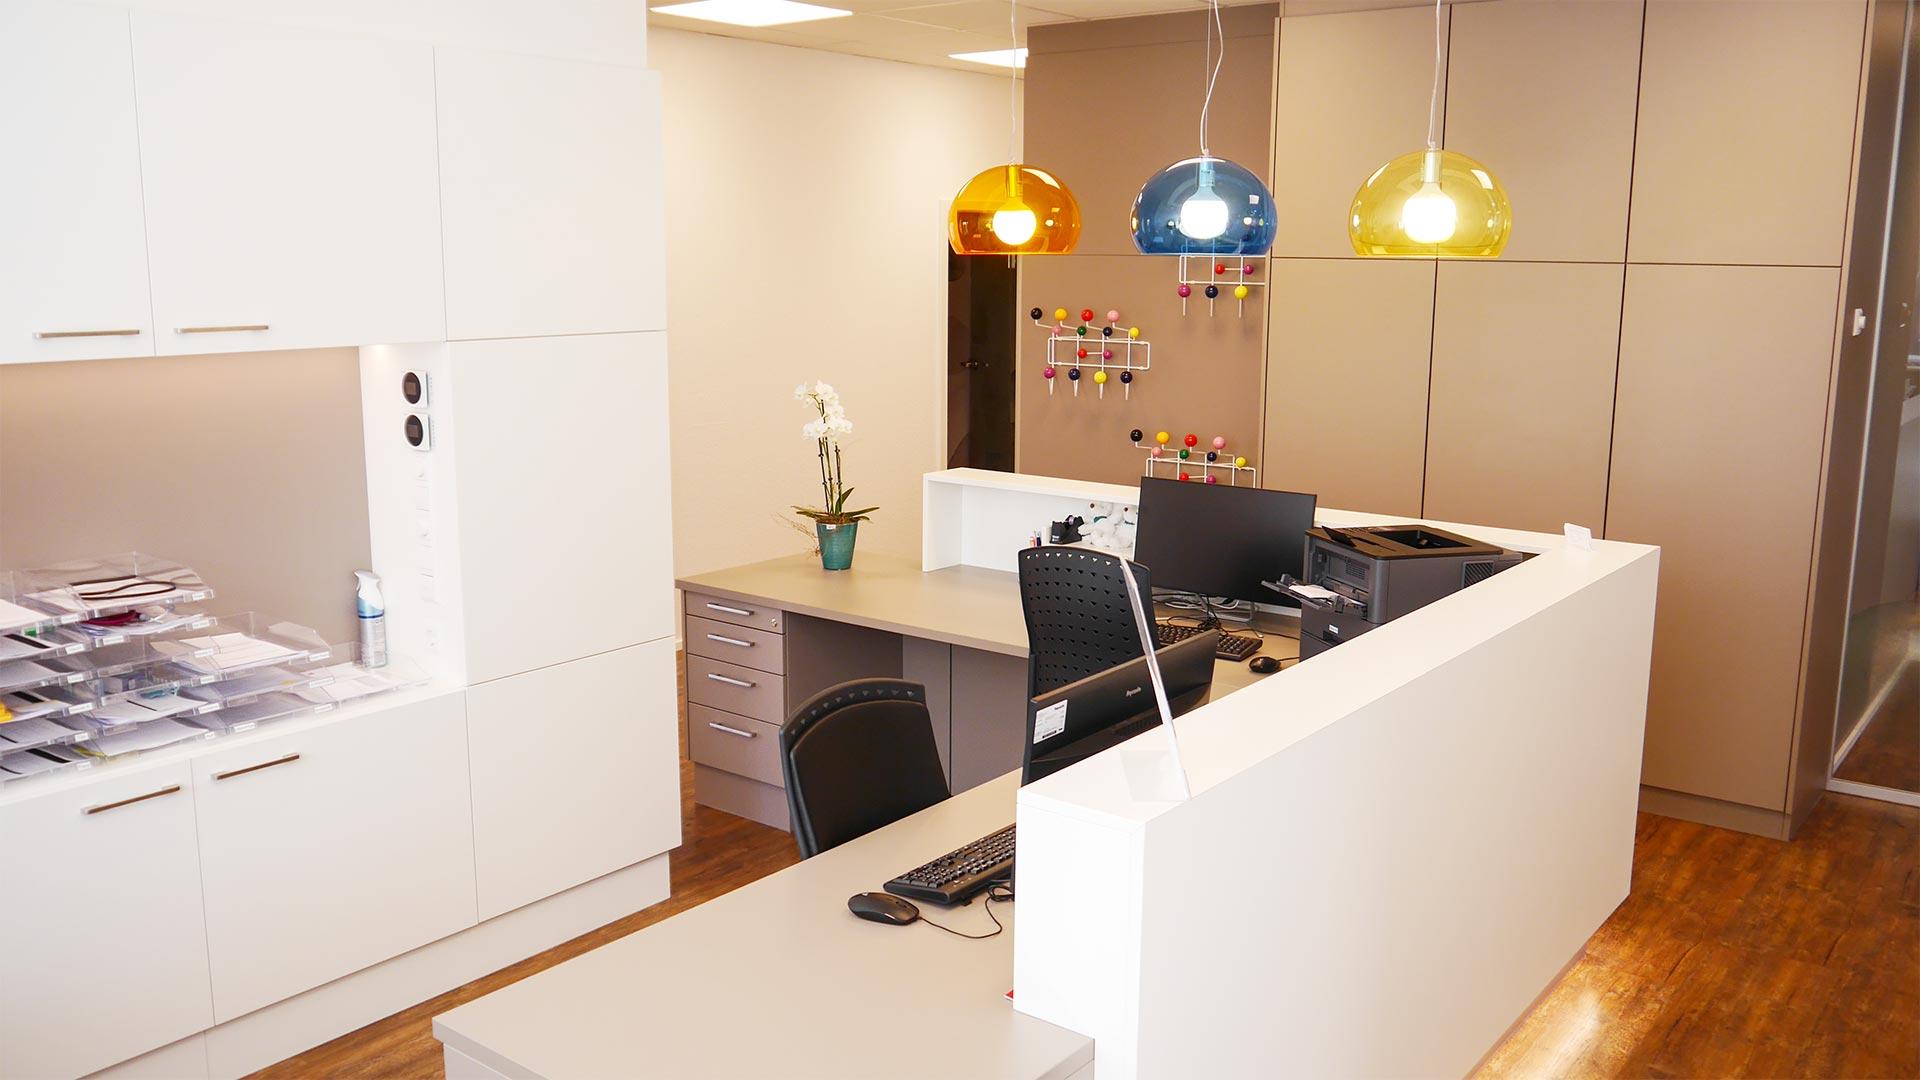 Designleuchten sorgen für interessante Farbtupfer im Empfangsbereich.